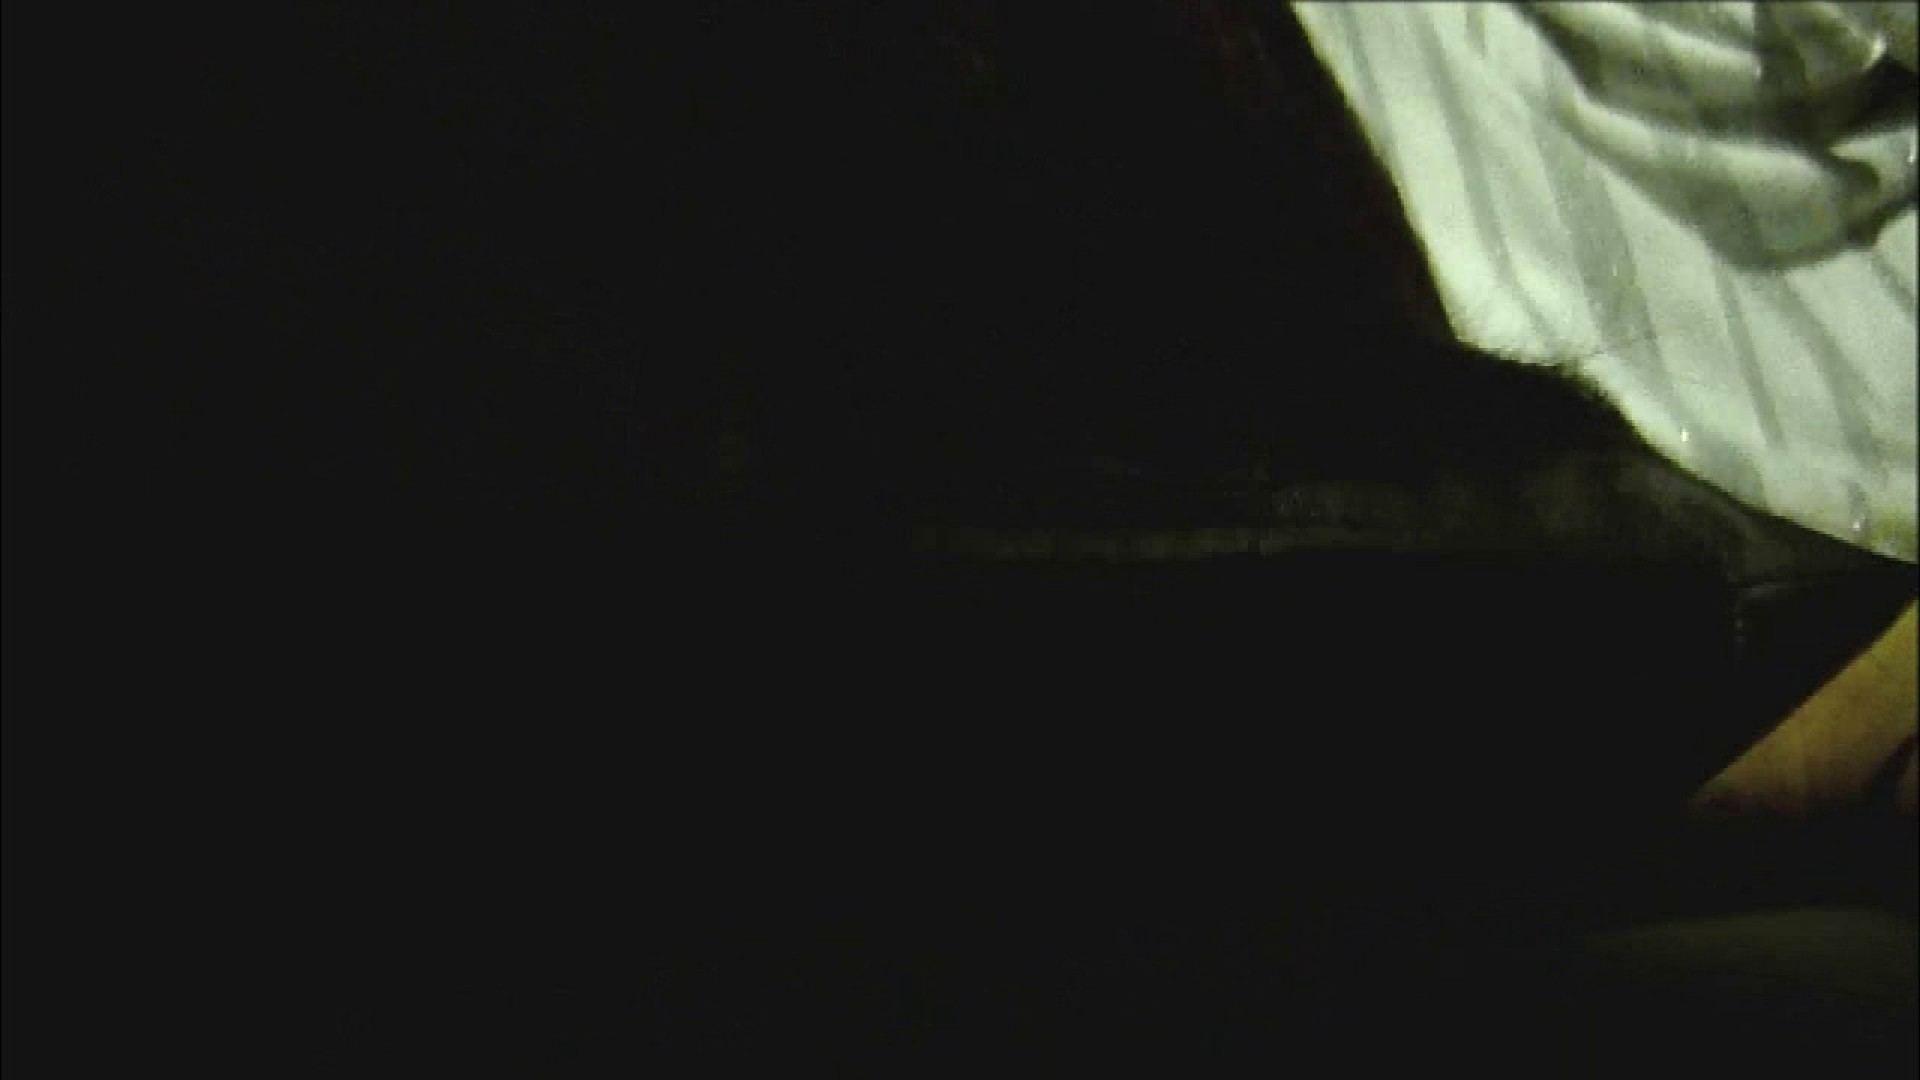 魔術師の お・も・て・な・し vol.01 20歳販売系 悪戯 オマンコ動画キャプチャ 61画像 50